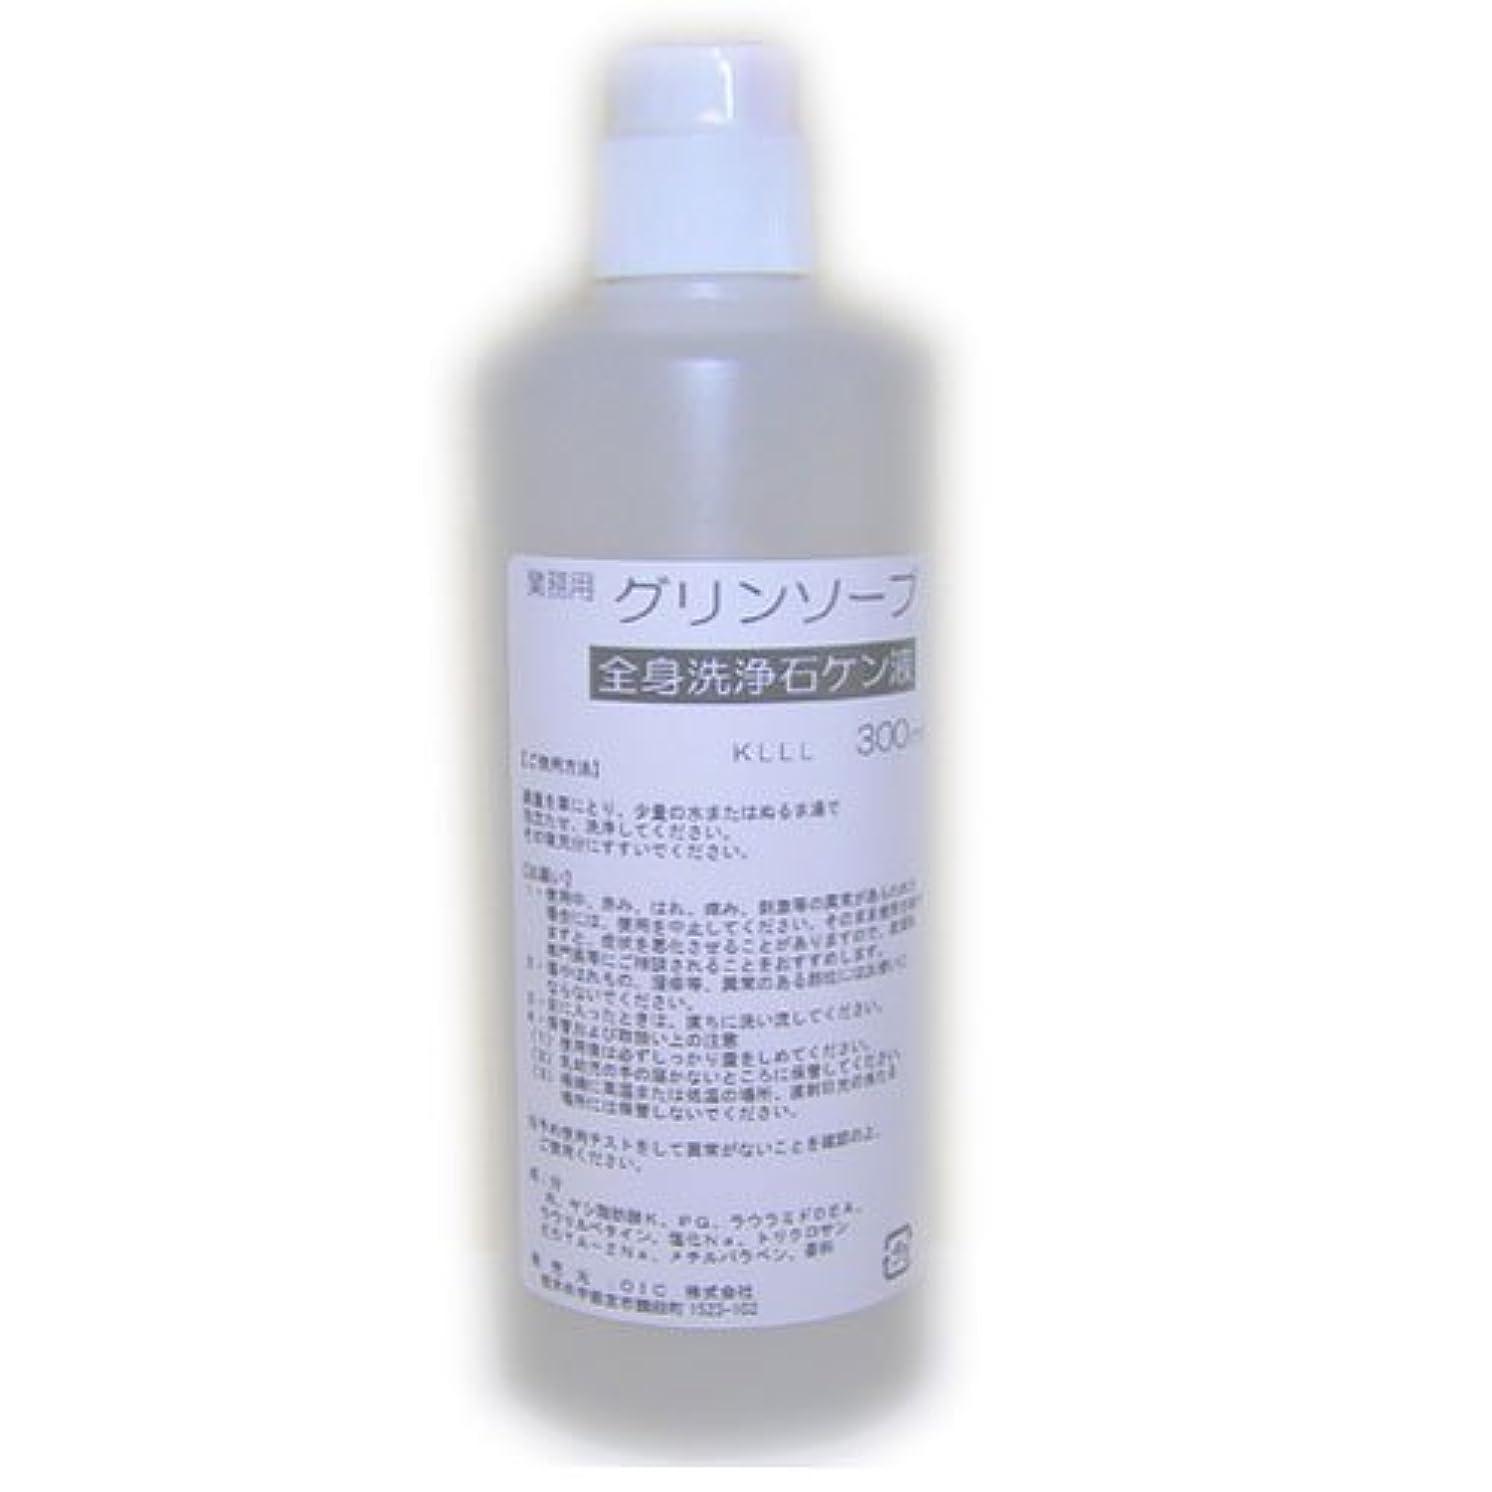 グローバル上にラグ業務用ボディソープ 殺菌成分配合?消毒石鹸液 グリンソープ (300ml (3本セット))